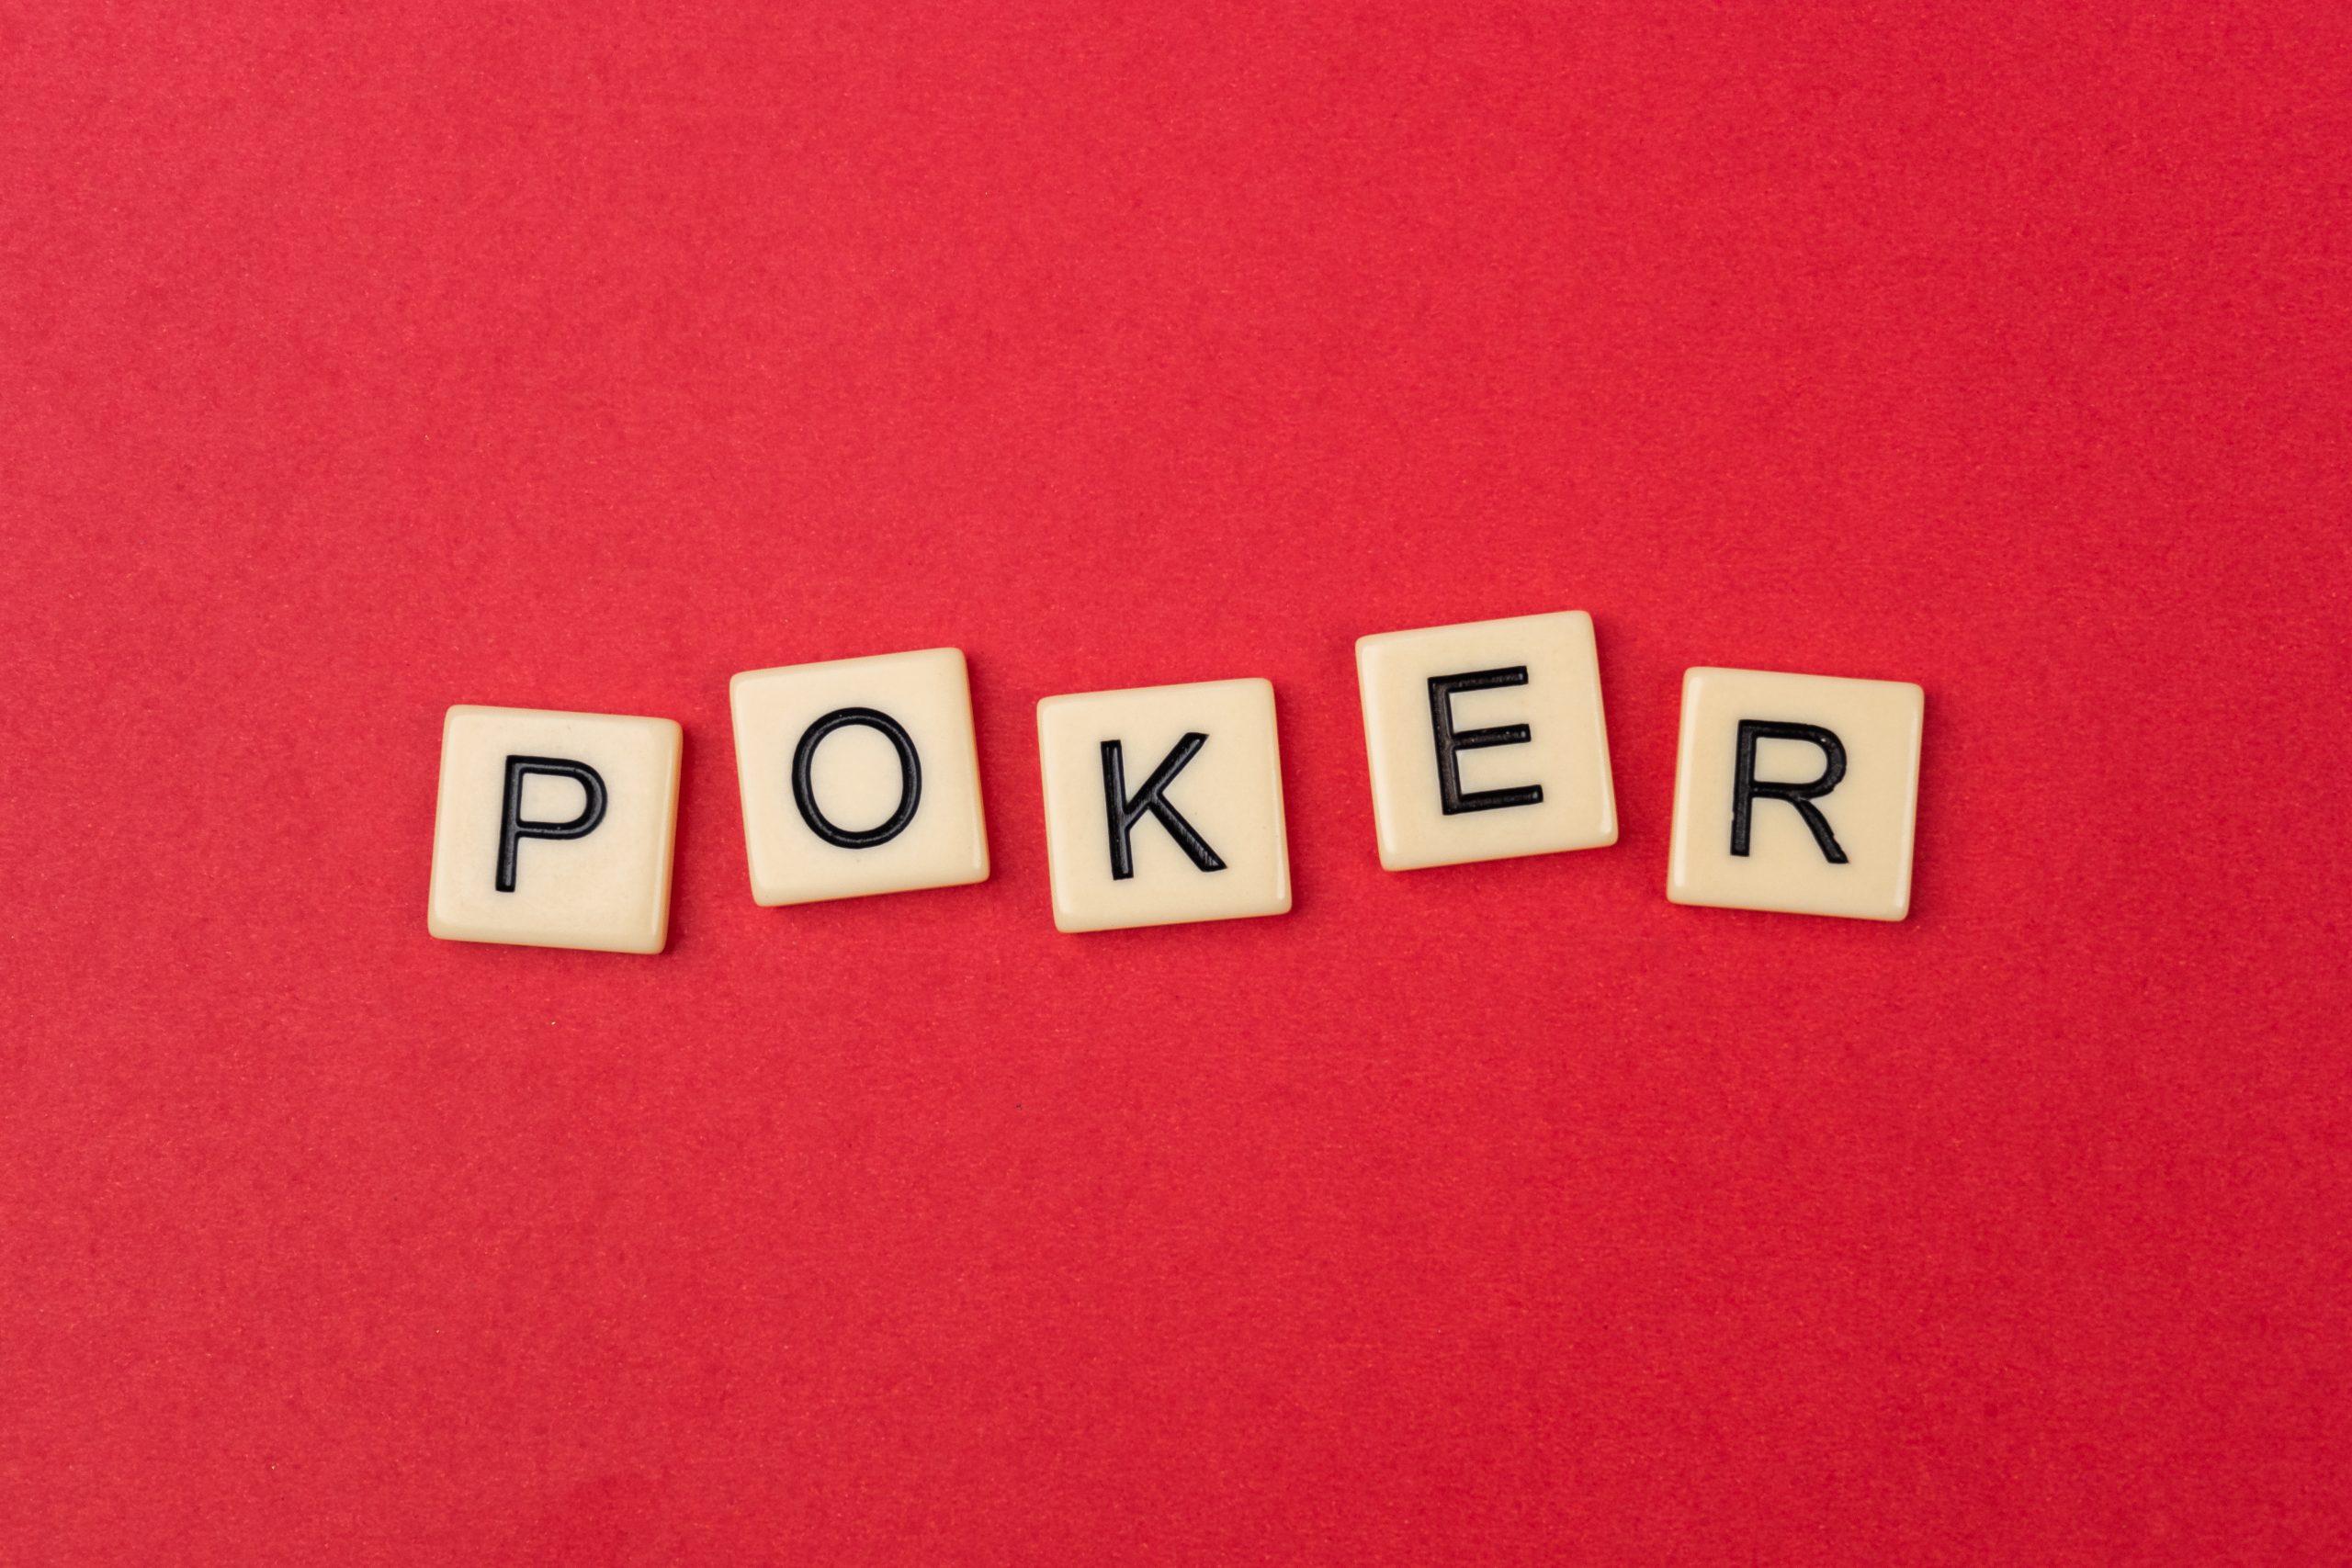 Poker written on scrabble